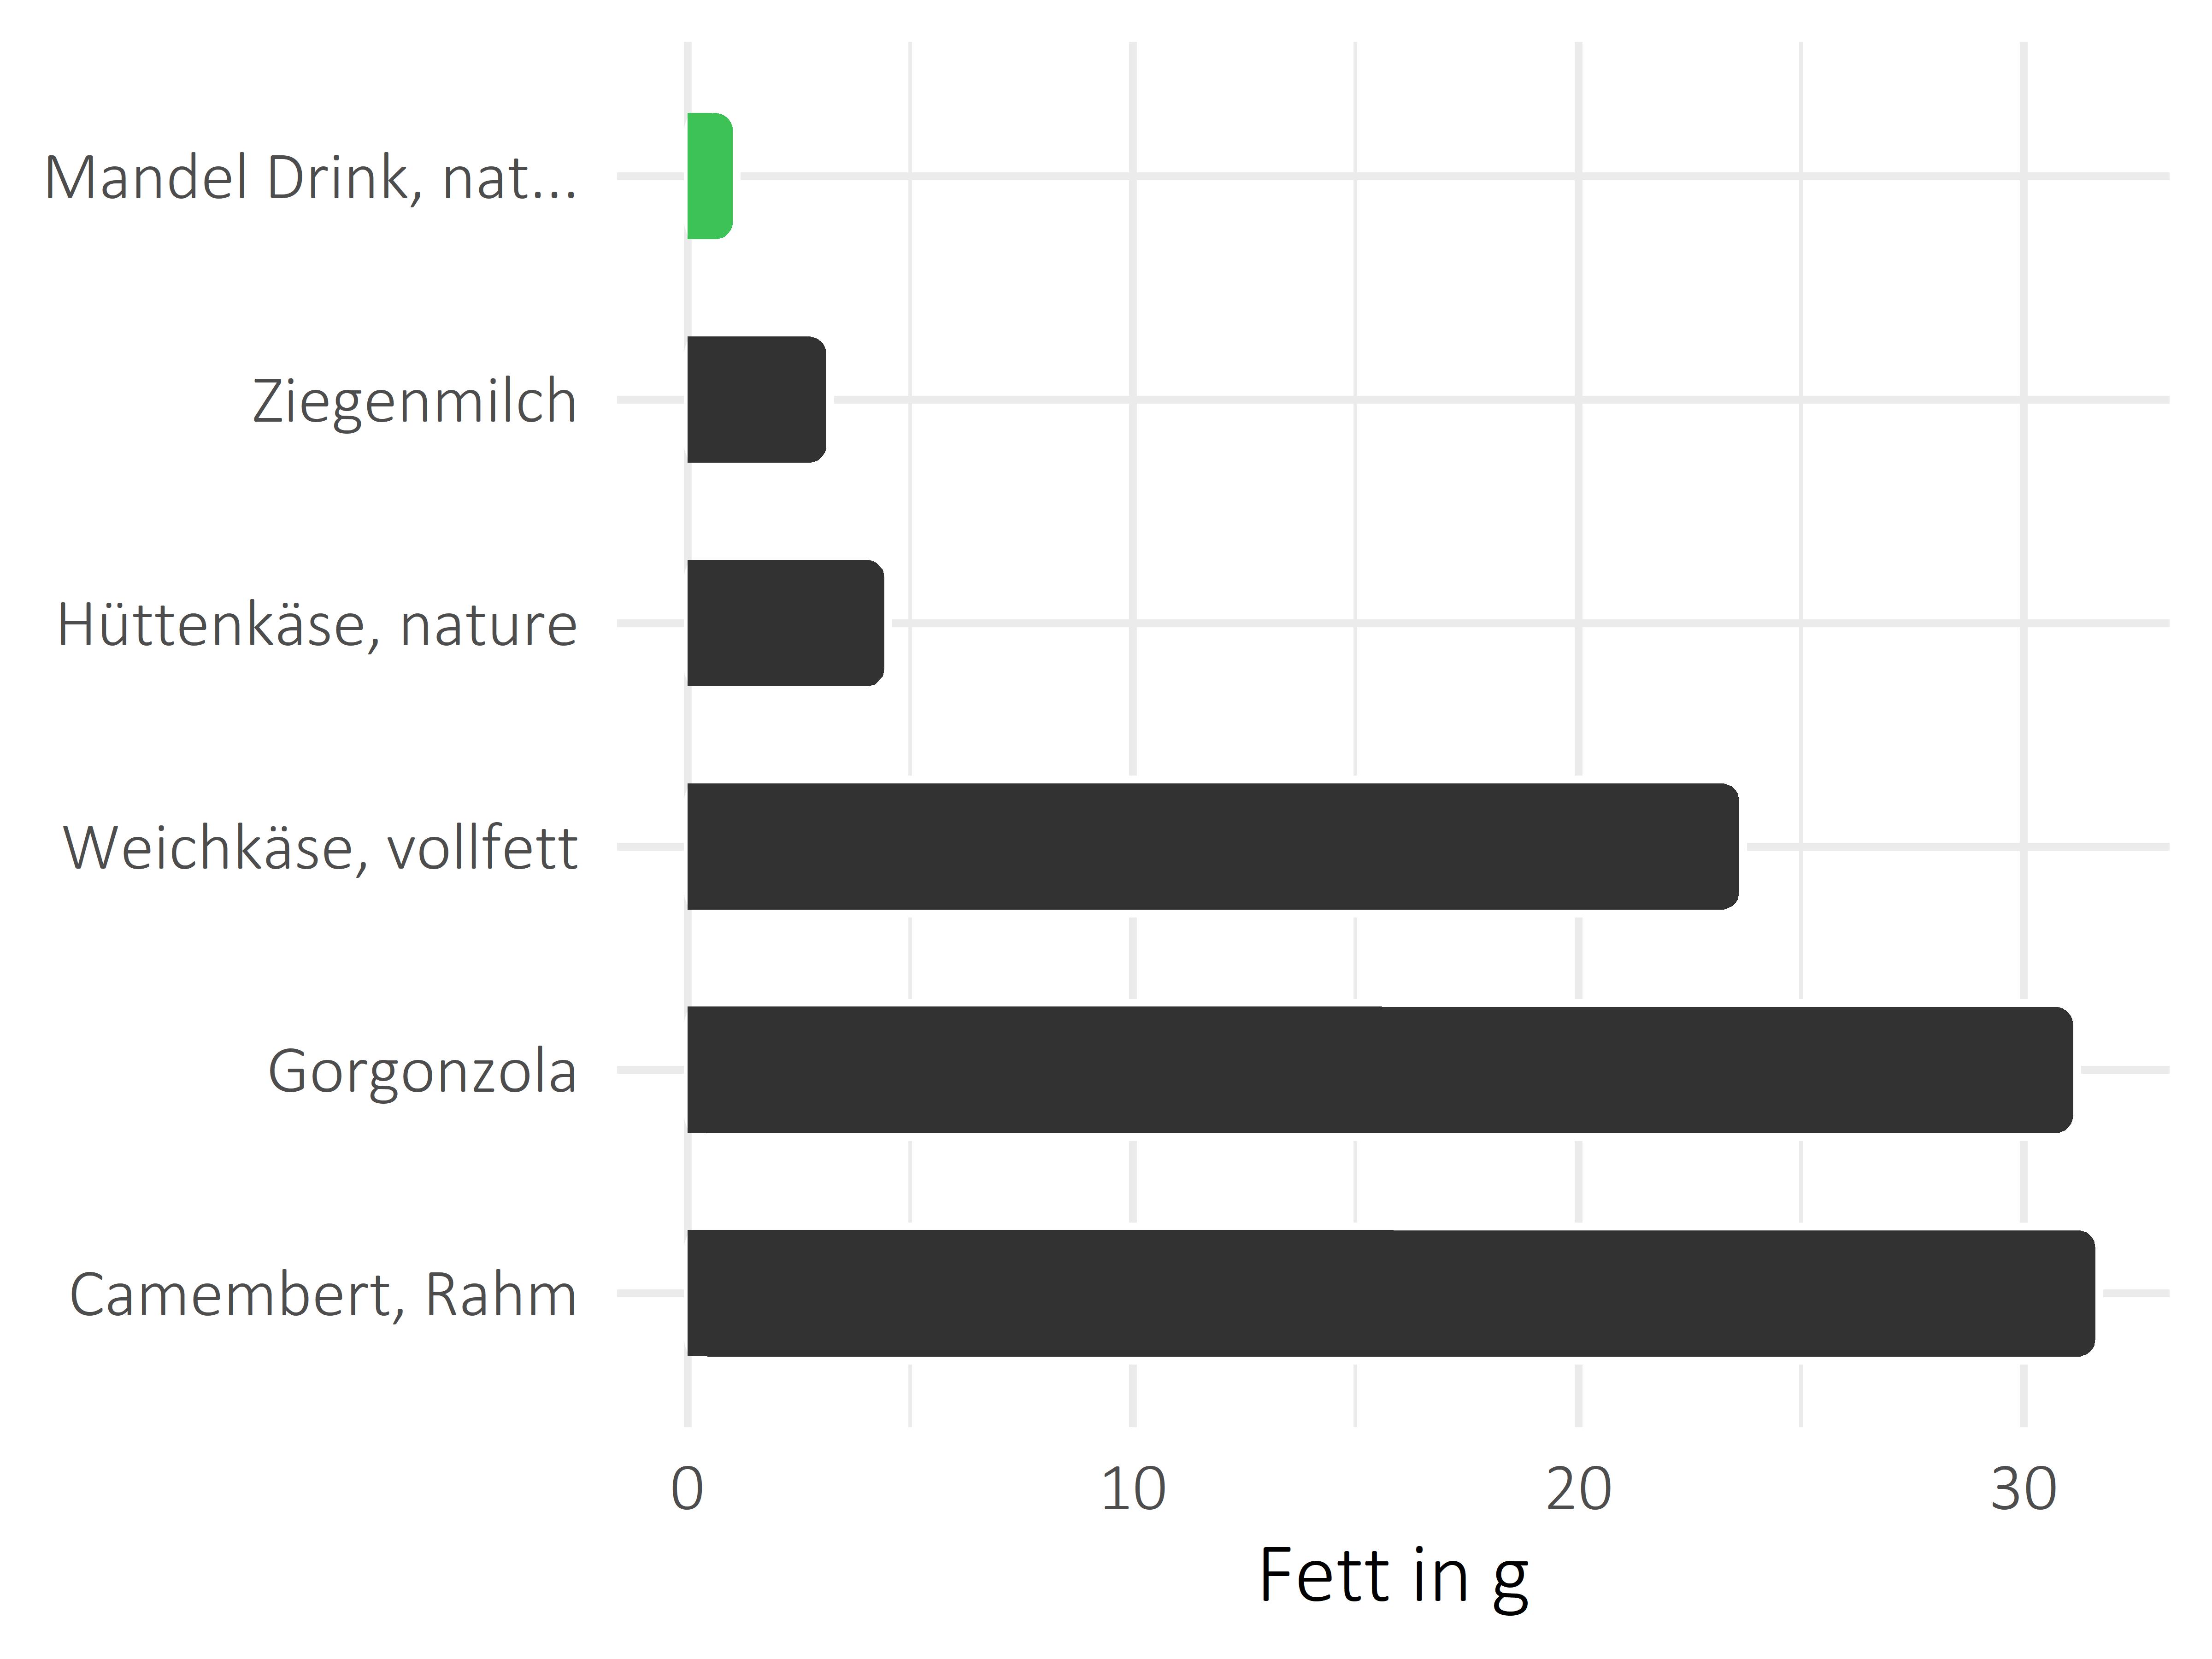 Milchprodukte Fettanteil